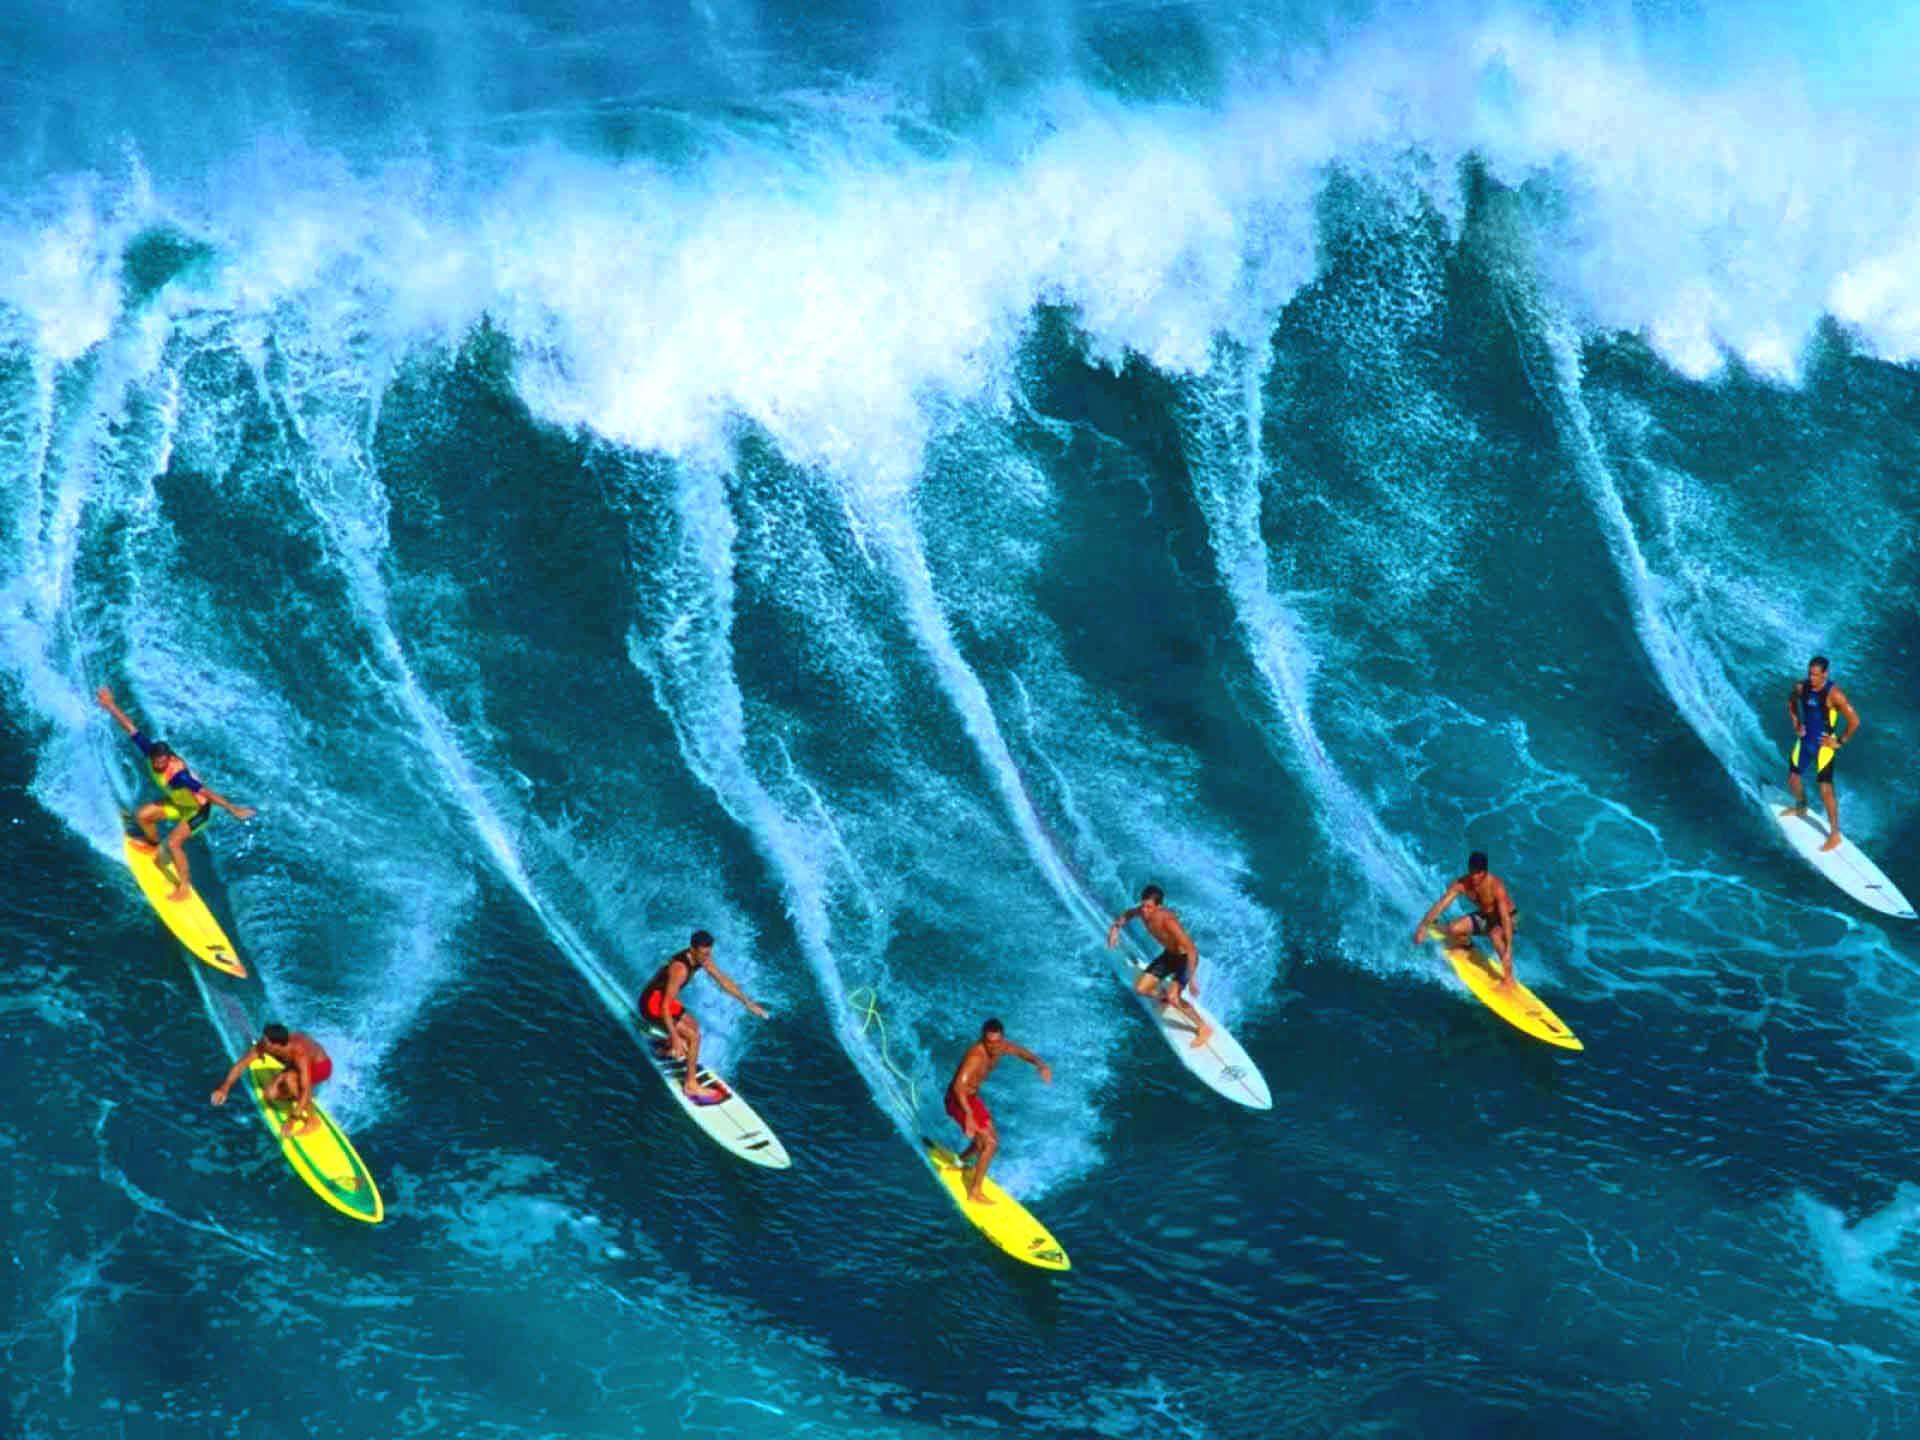 تفریحات آبی بالی، سرفینگ یا موج سواری در بالی اندونزی